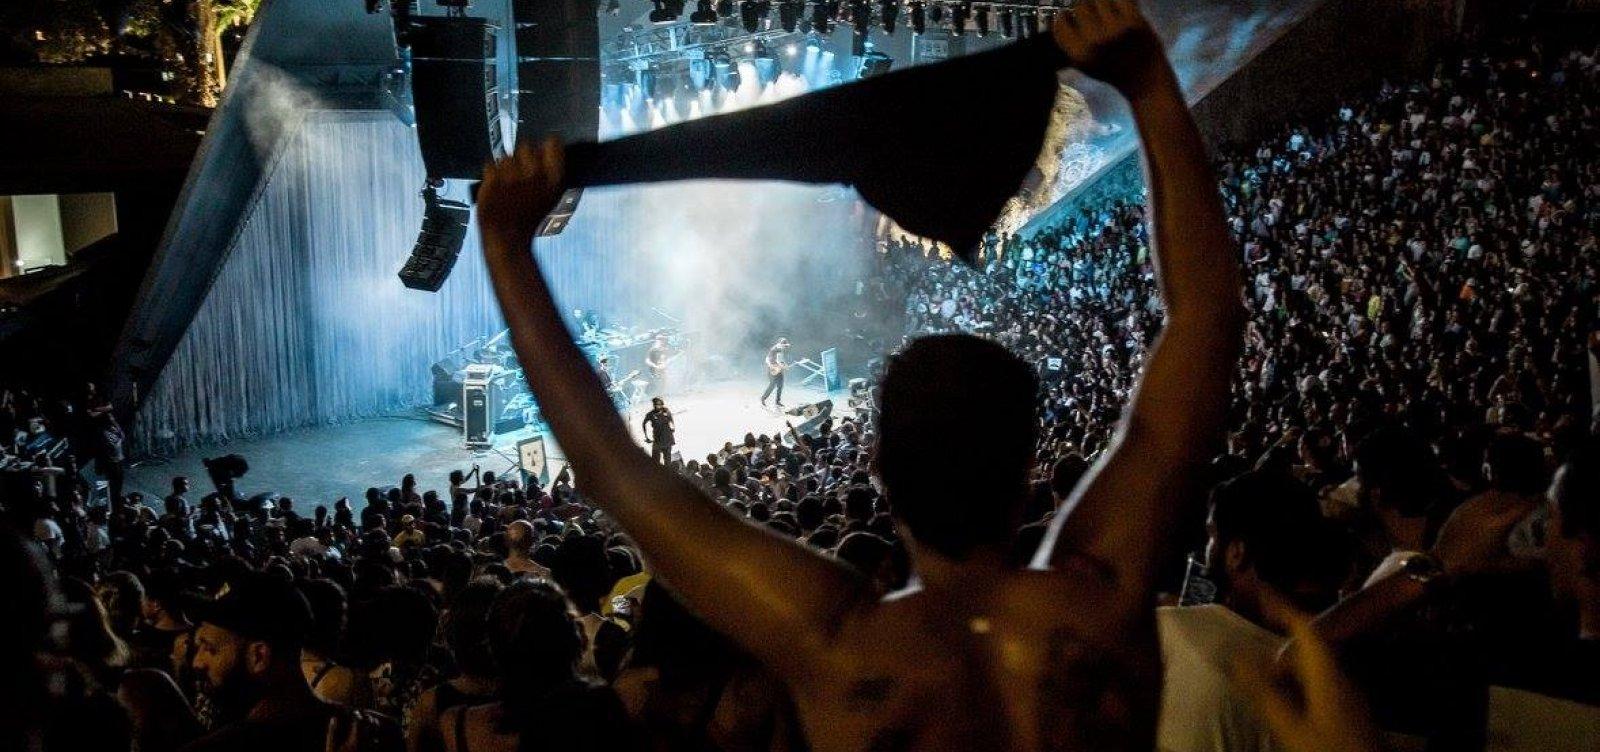 Osba anuncia concerto com Baiana System em comemoração ao Dois de Julho